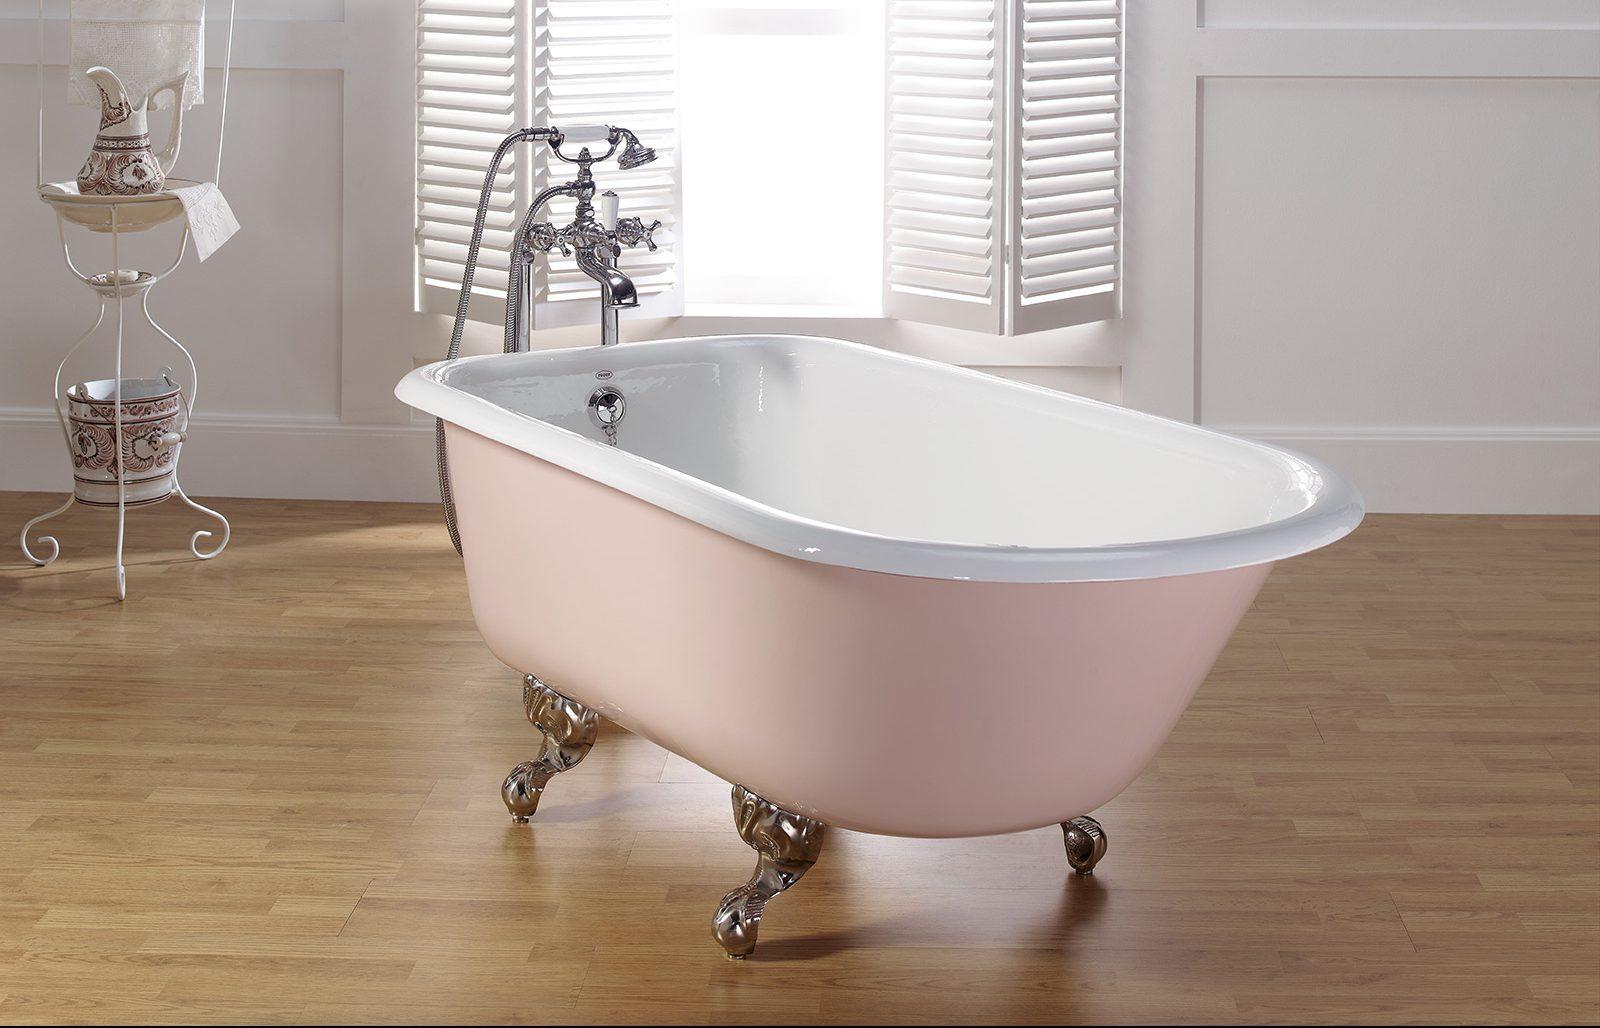 Сколько стоит чугунная ванна при сдаче на металлолом?